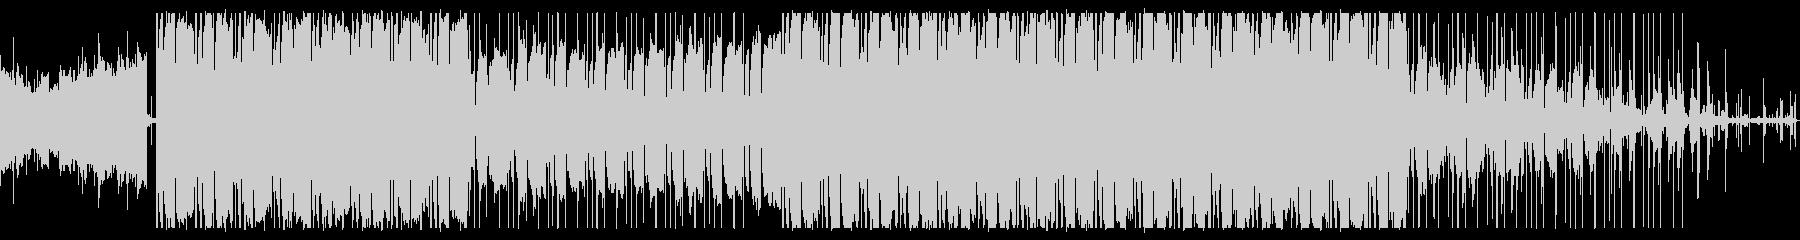 企業VP いやし・チル 210の未再生の波形